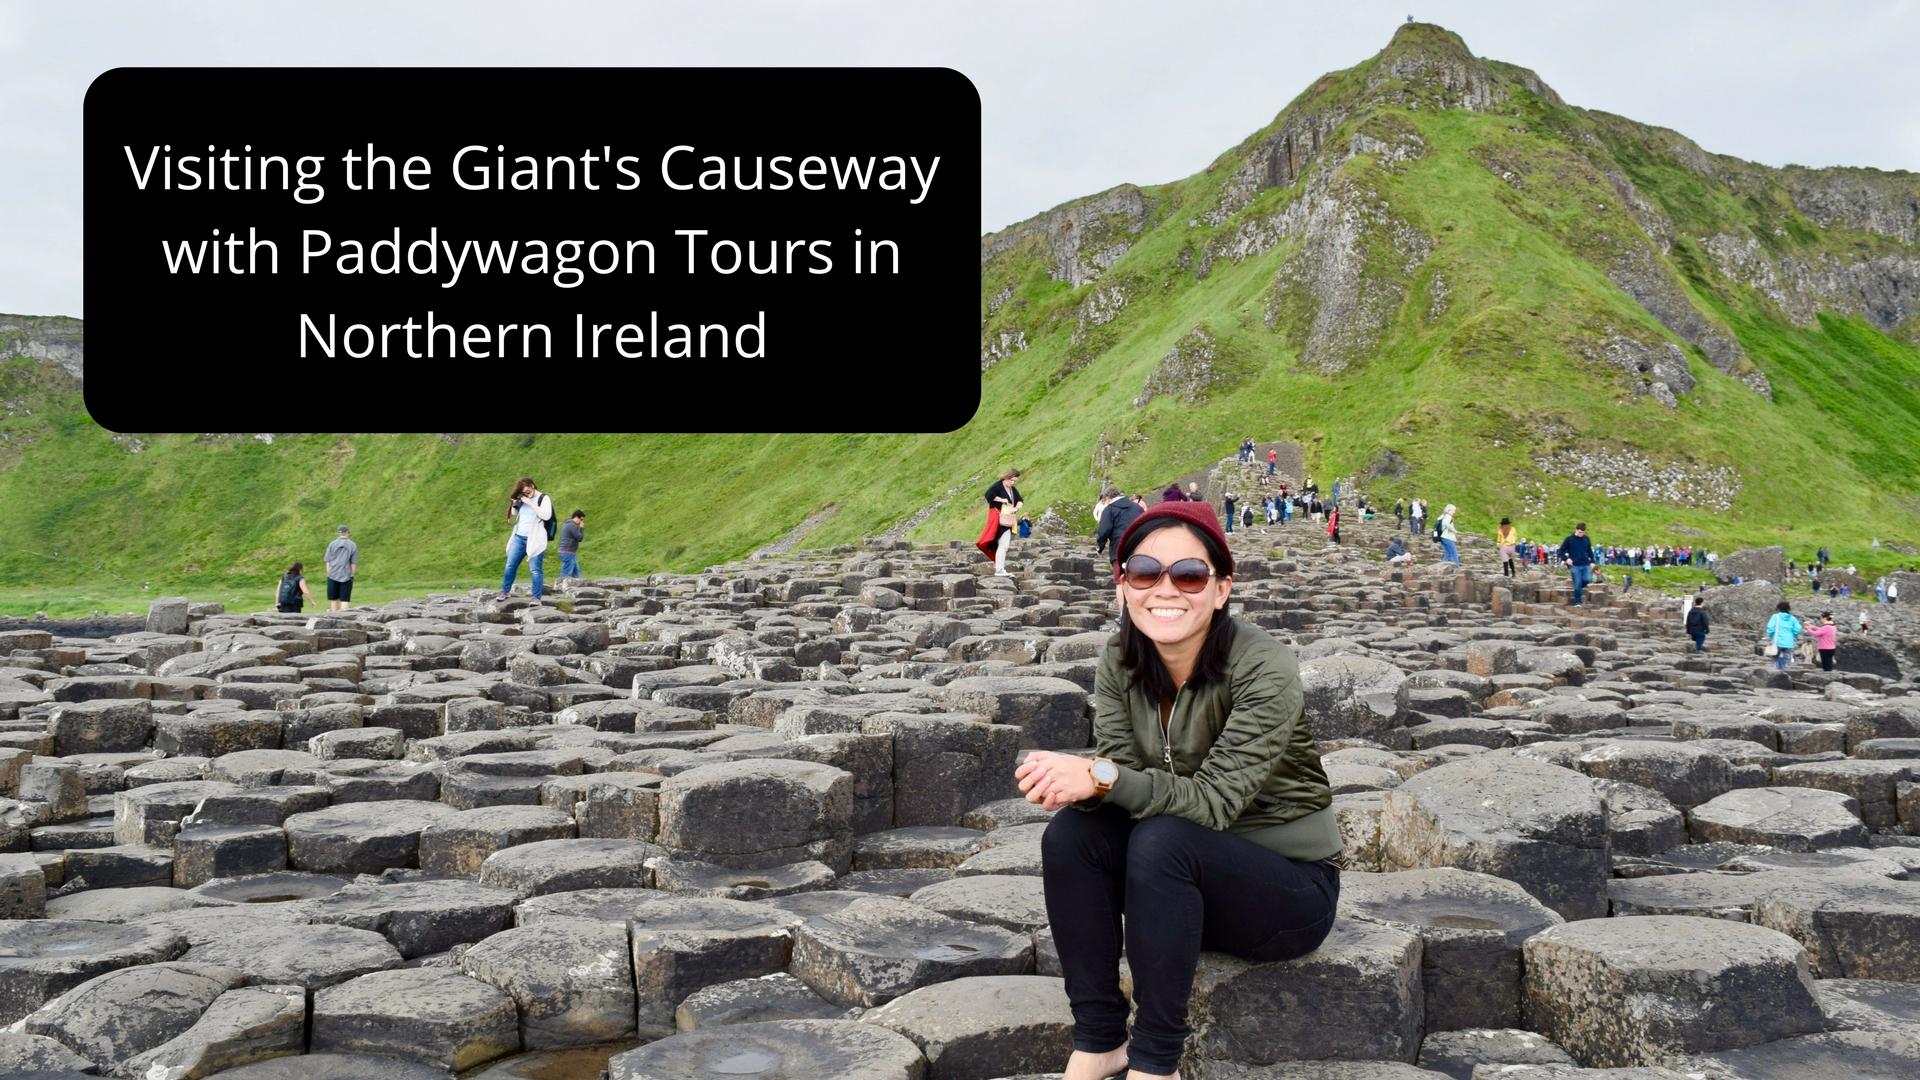 Giant's Causeway tour